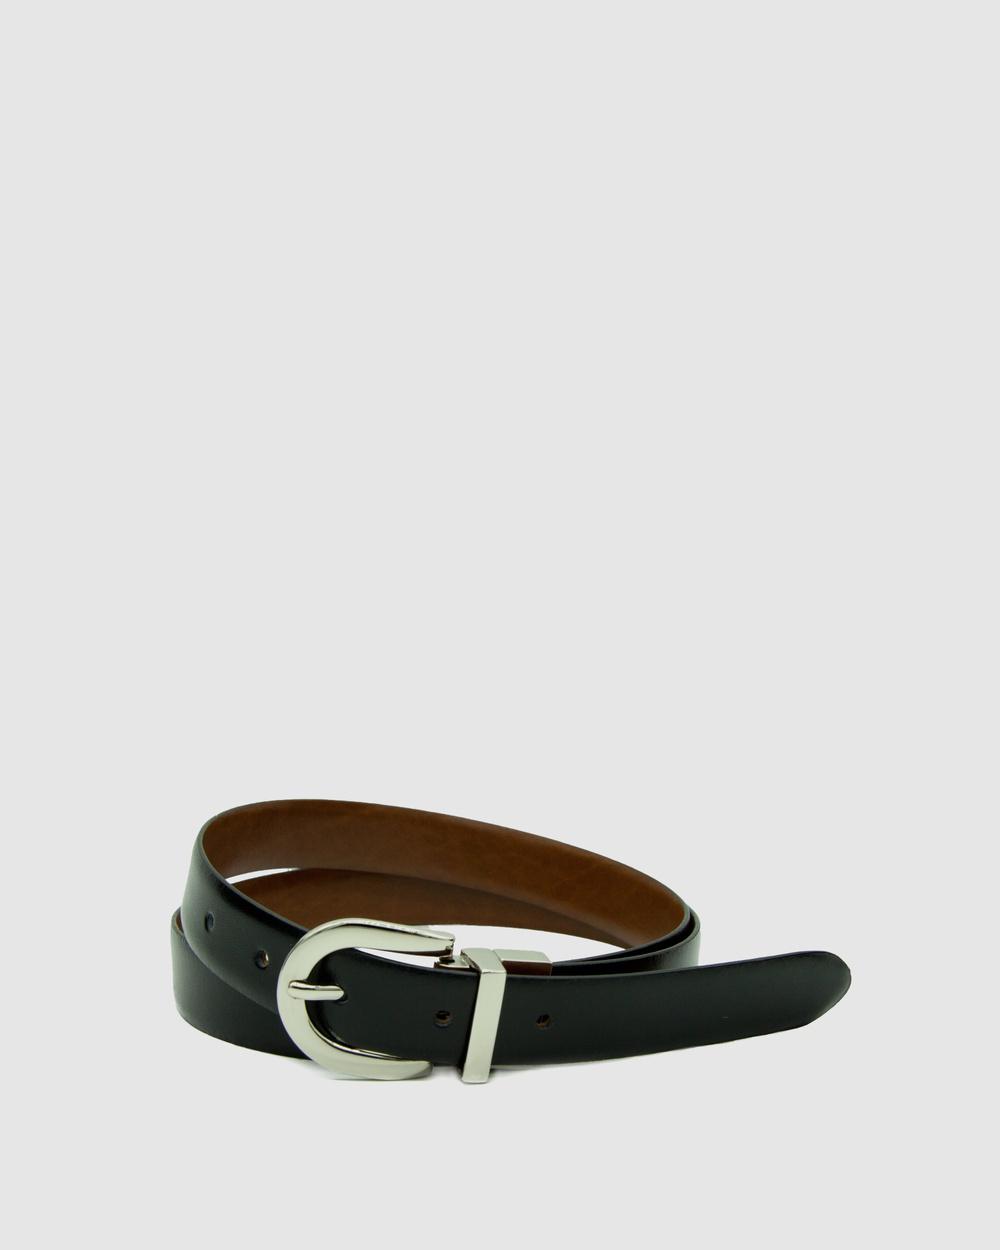 Loop Leather Co Westwood Belts Black/Tan